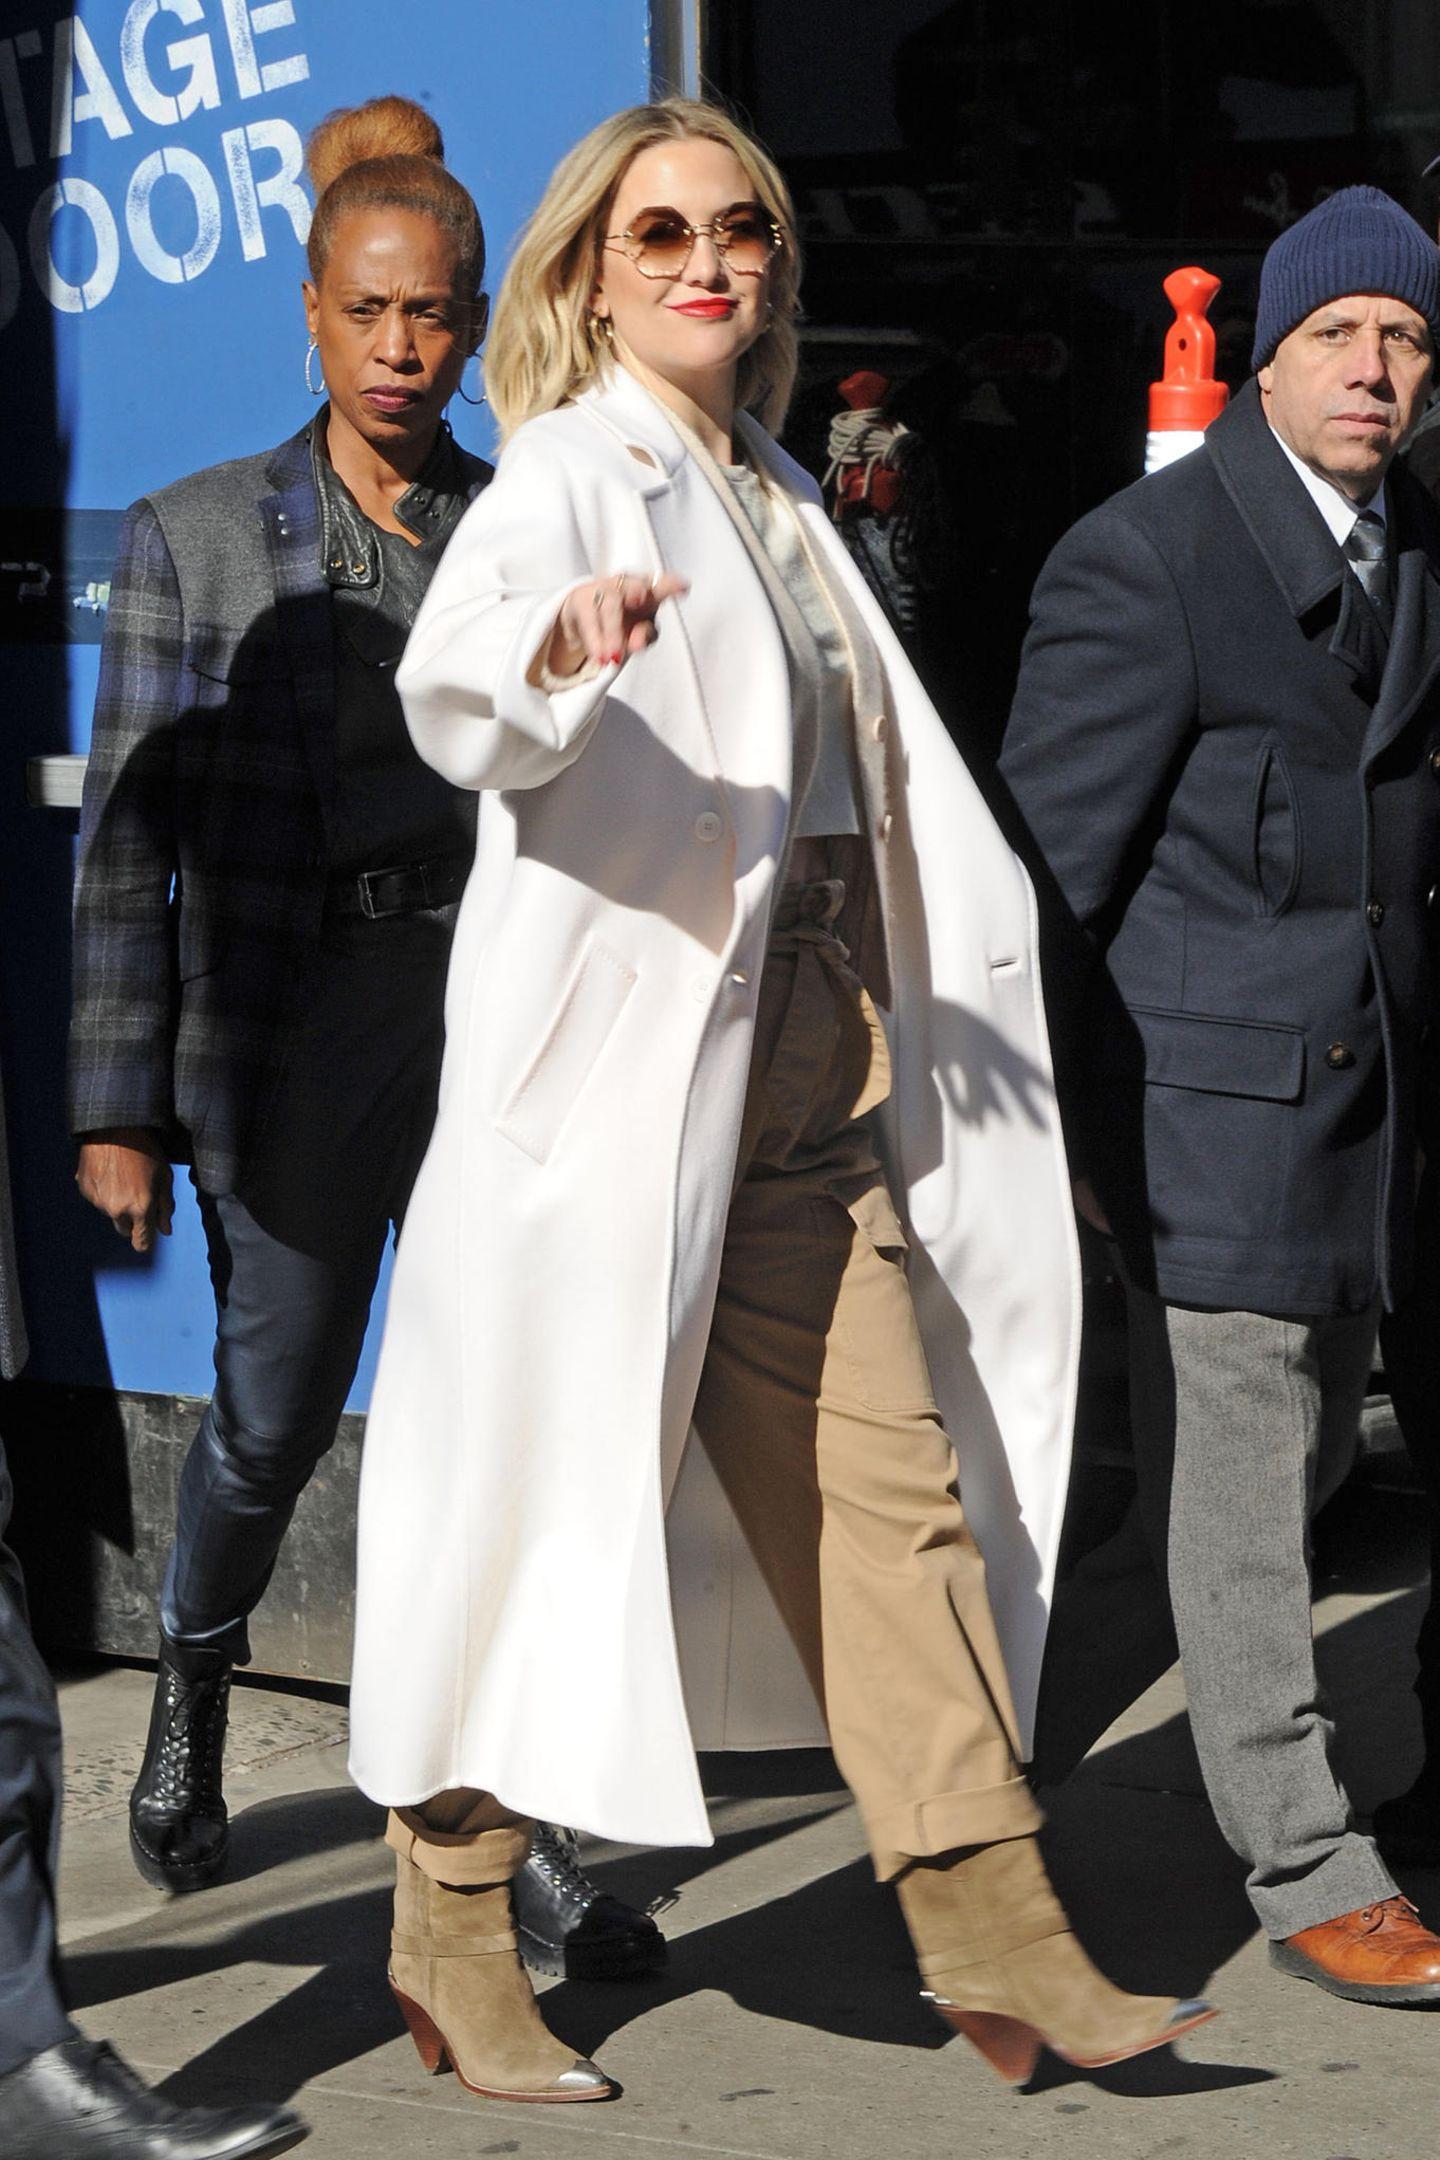 Kate Hudson ist bester Laune und wählt passend dazu auch ein helles Outfit. Sie zeigt, wie schön Beige-und Weißtöne miteinander harmonieren. Der knallige Lippenstift bildet ein farbliches Highlight.